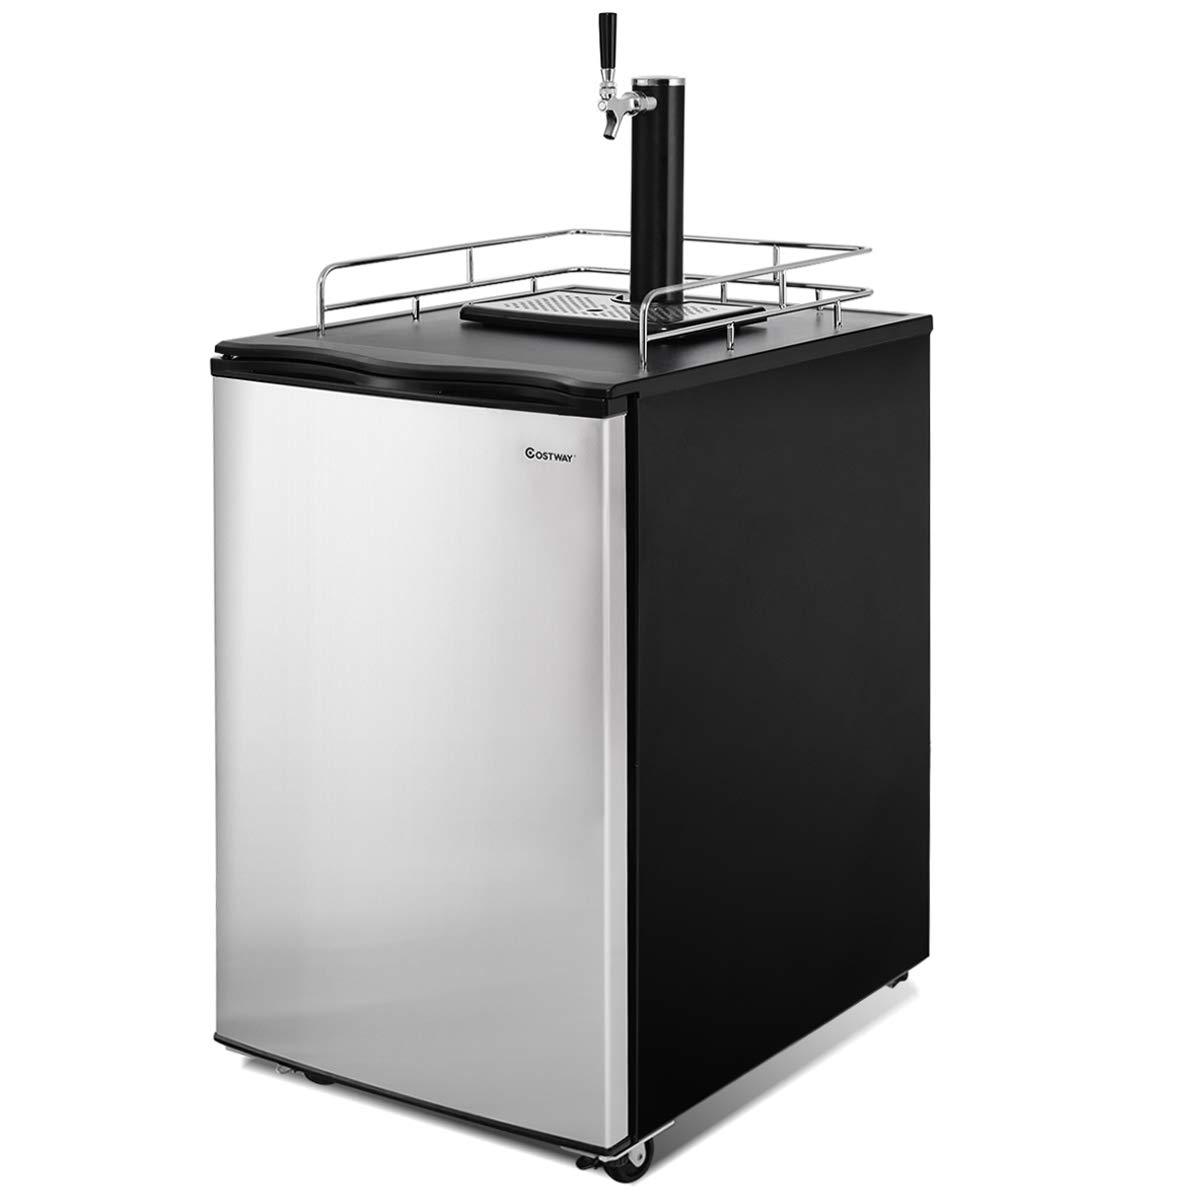 COSTWAY 6.1 CU. FT Full Size Kegerator Single-Tap Keg Beer Cooler Refrigerator Draft Beer Dispenser R600a Compressor Cooling CO2 Regulator Casters